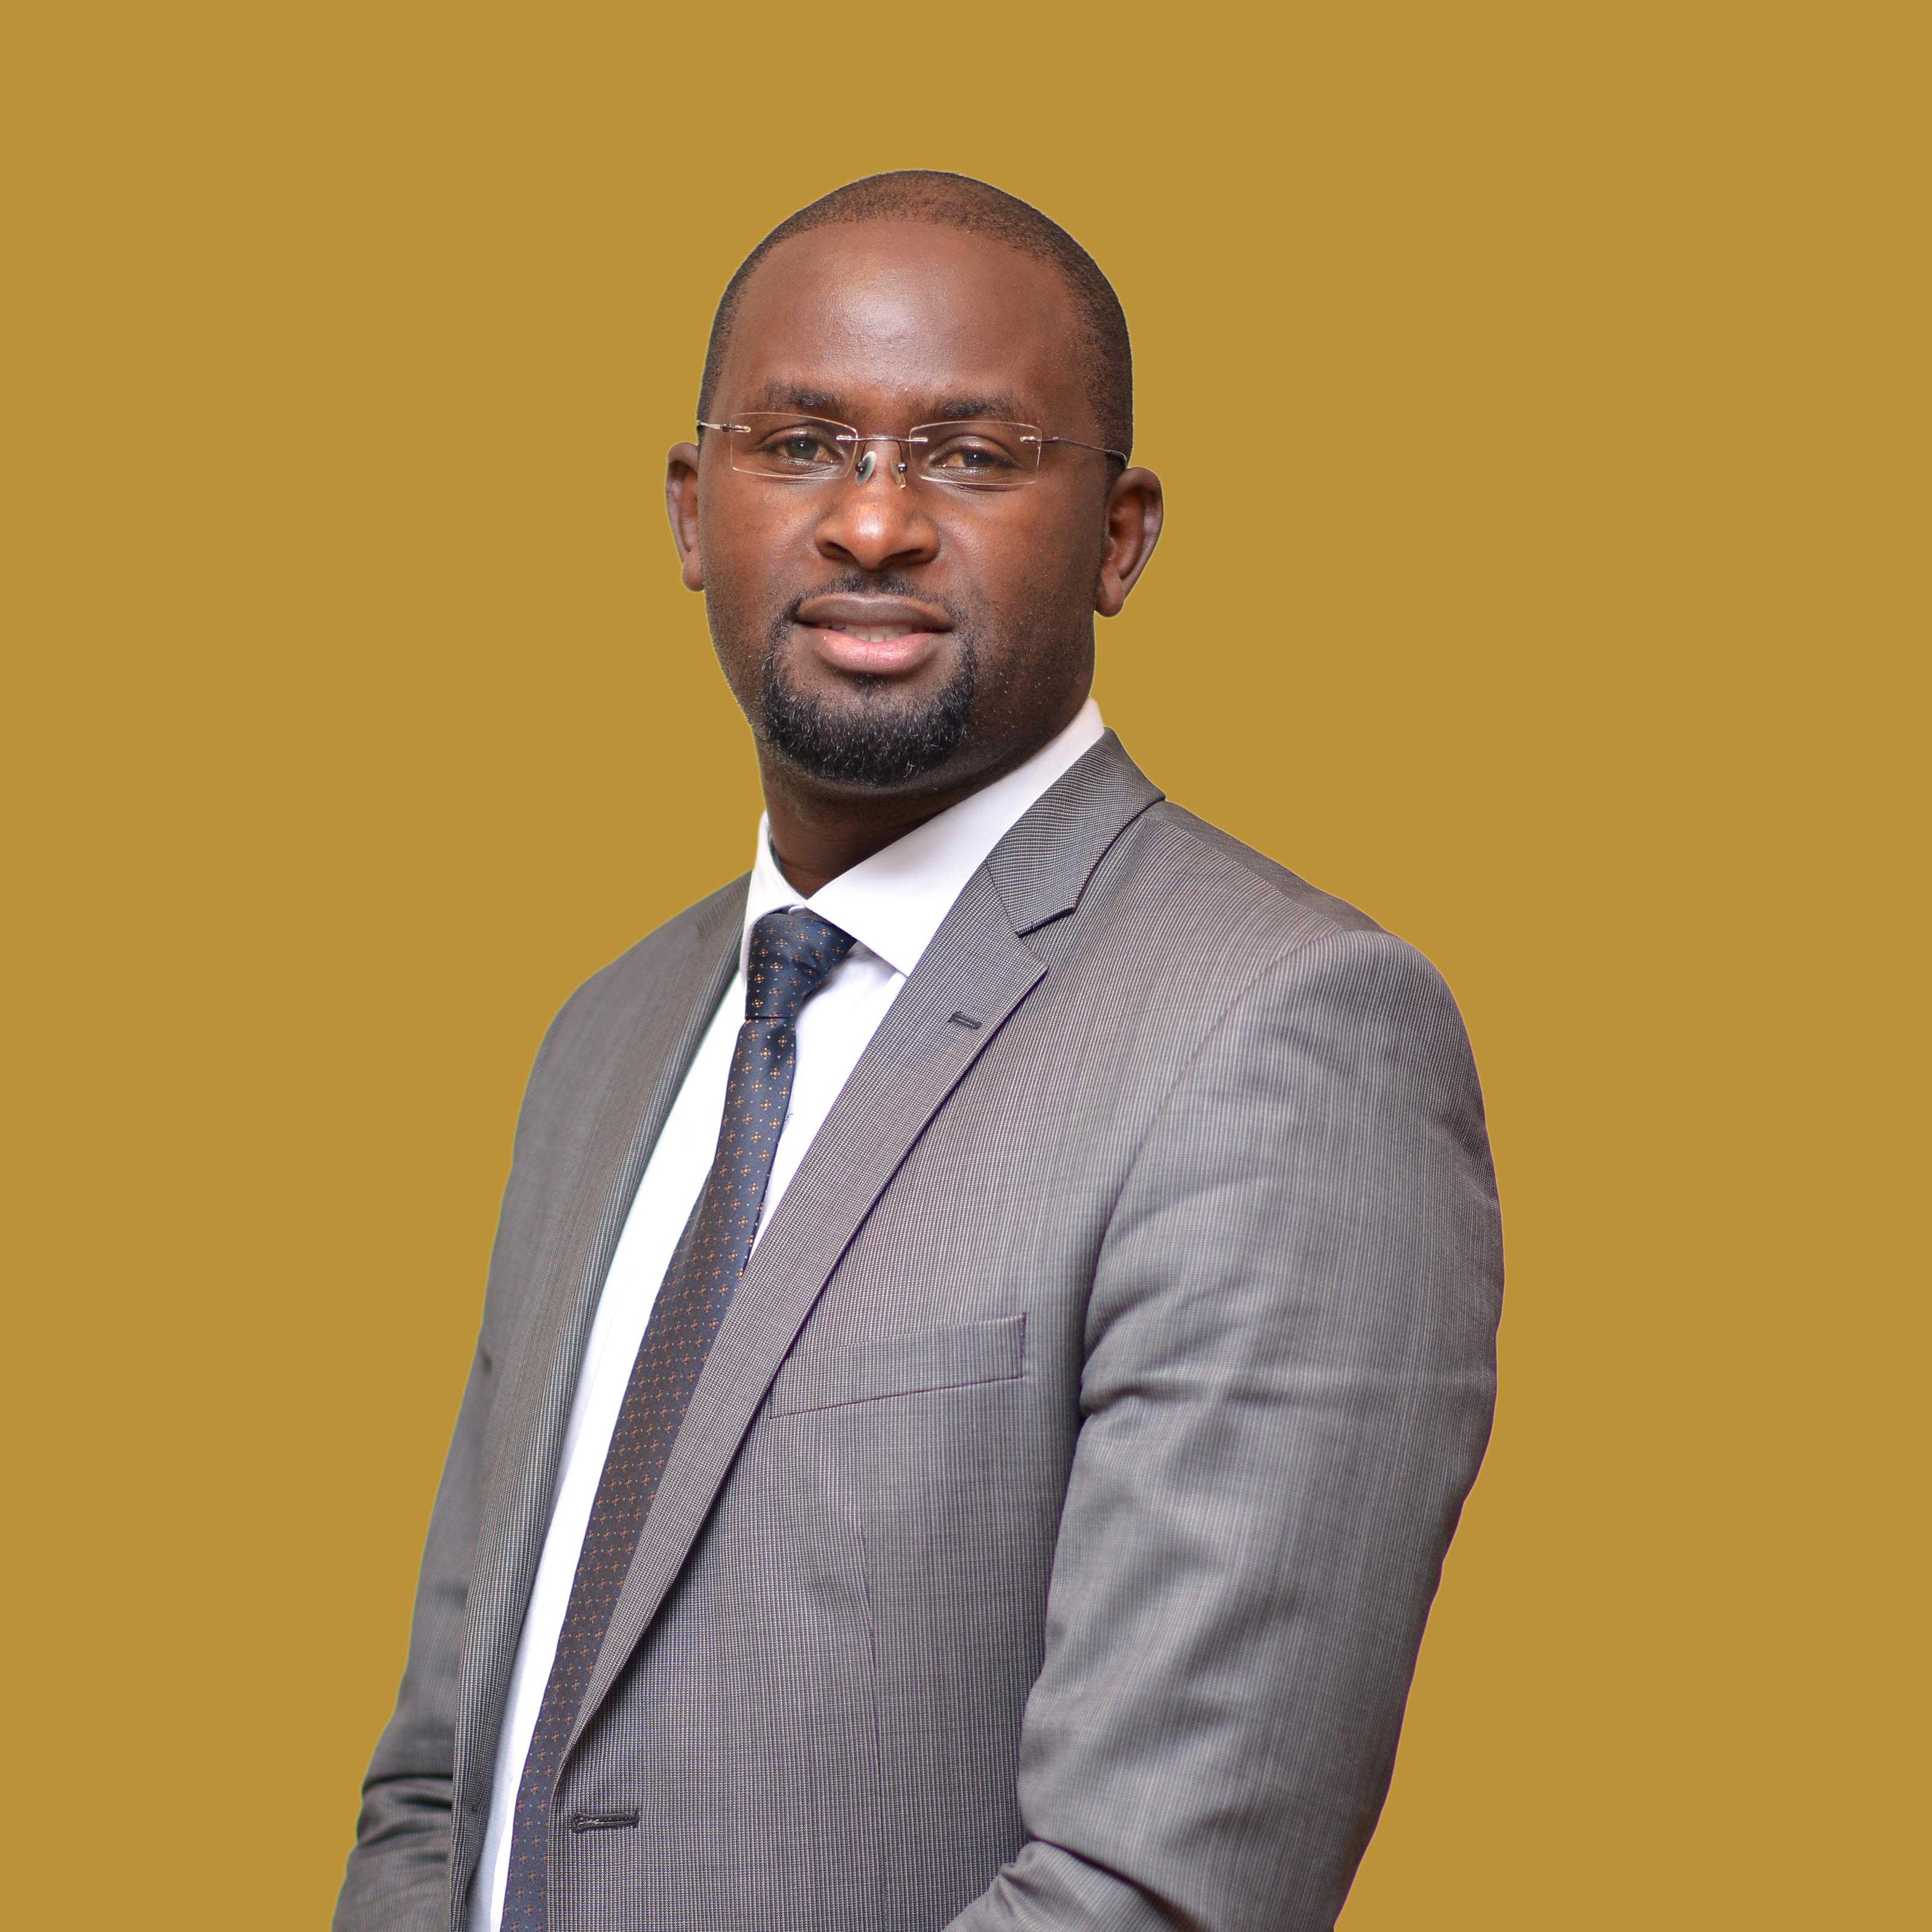 Nicholas Mwangi Ithondeka,